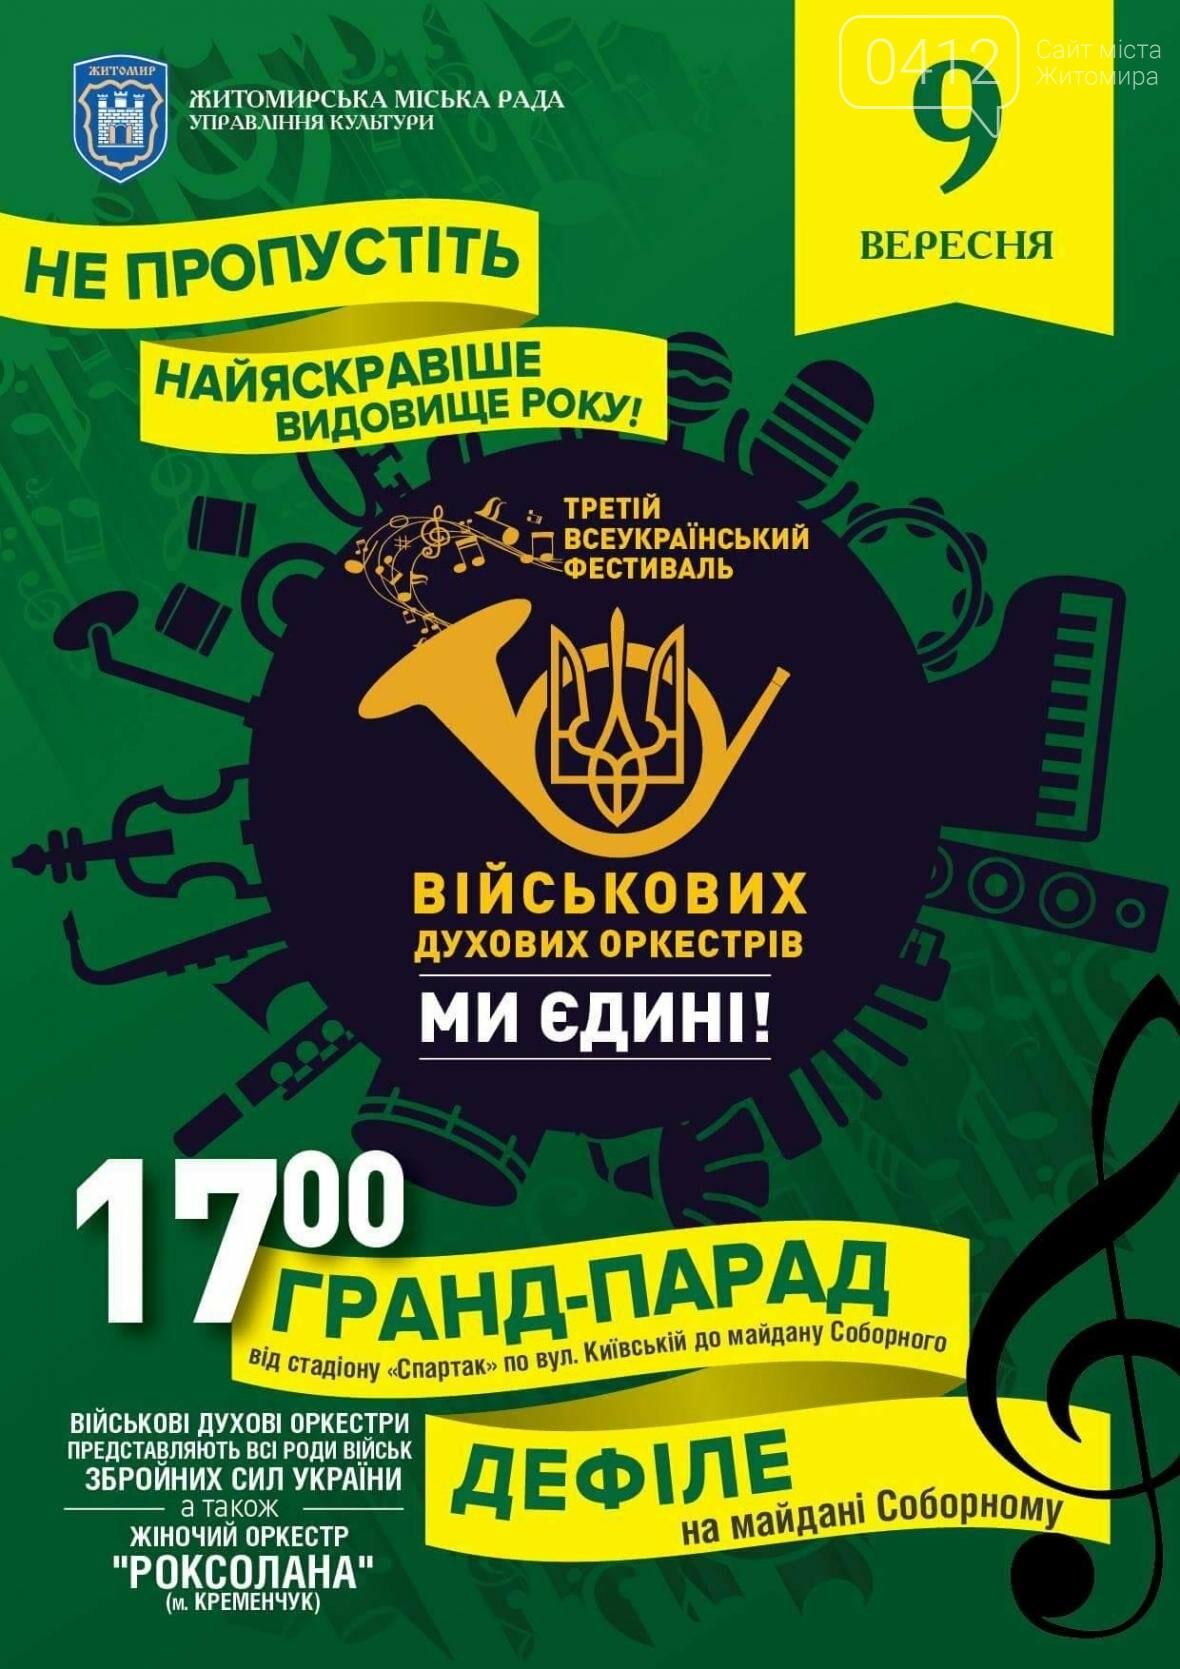 У Житомирі пройде гранд-парад військових духових оркестрів, фото-1